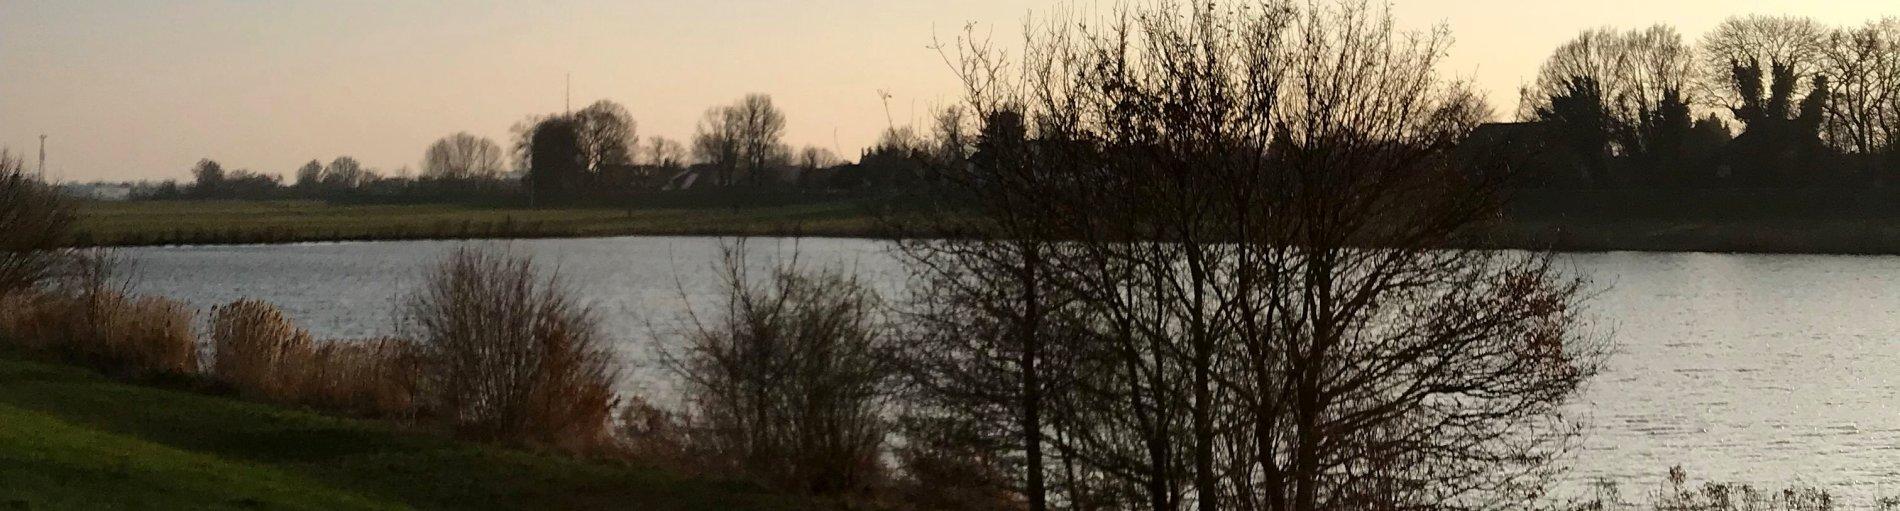 Blick über den Werdersee auf die andere Deichseite